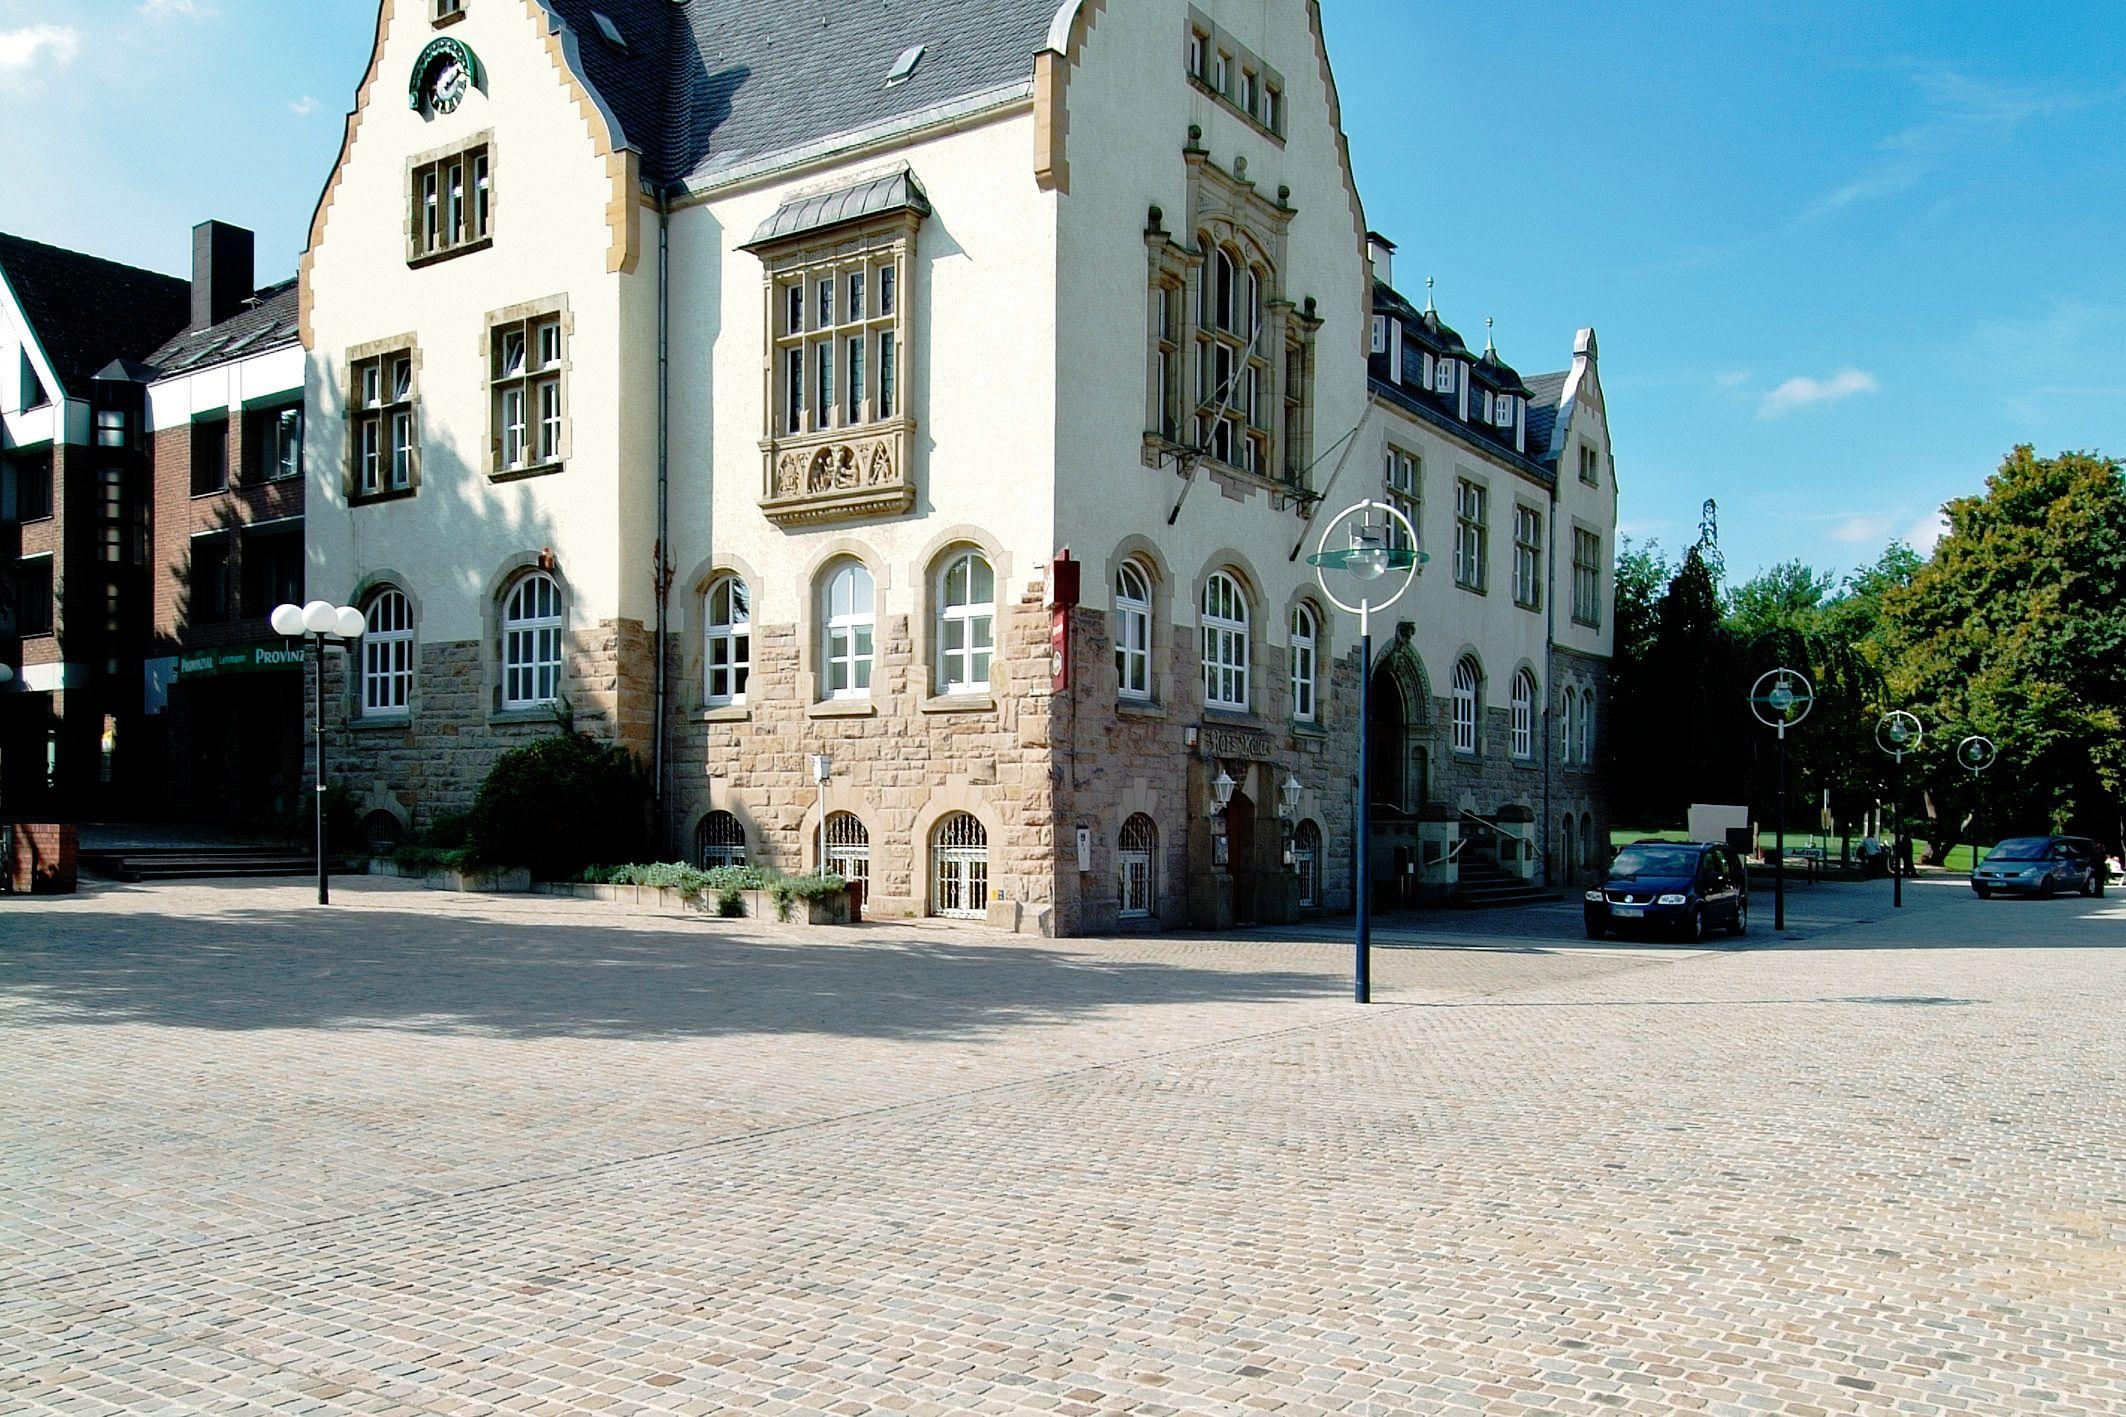 SAKRET Referenz Marktplatz Dortmund Pflastersteine Totale